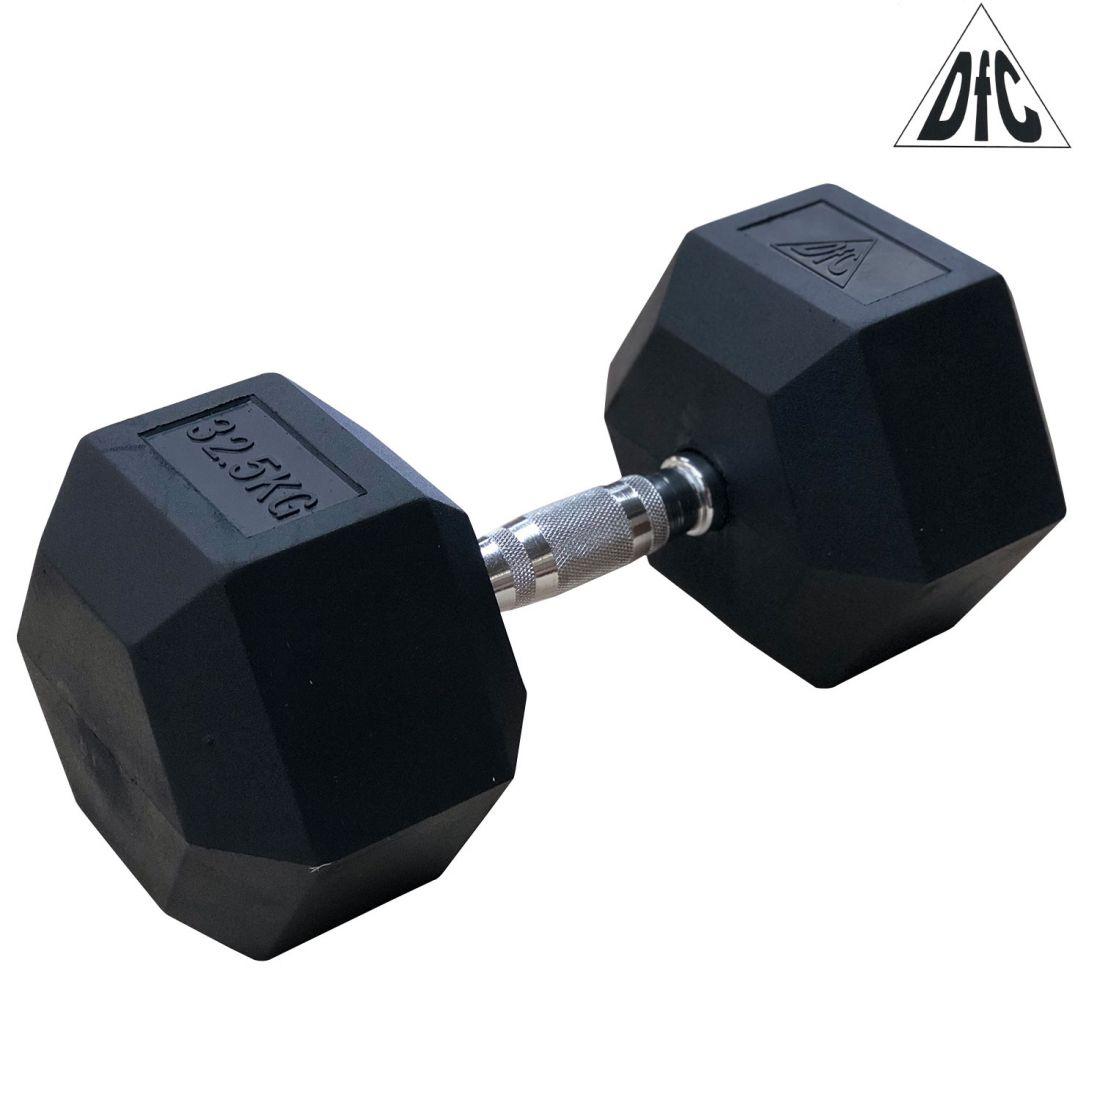 Гантели DFC гексаг. обрезиненная пара 32.5 кг DB001-32.5